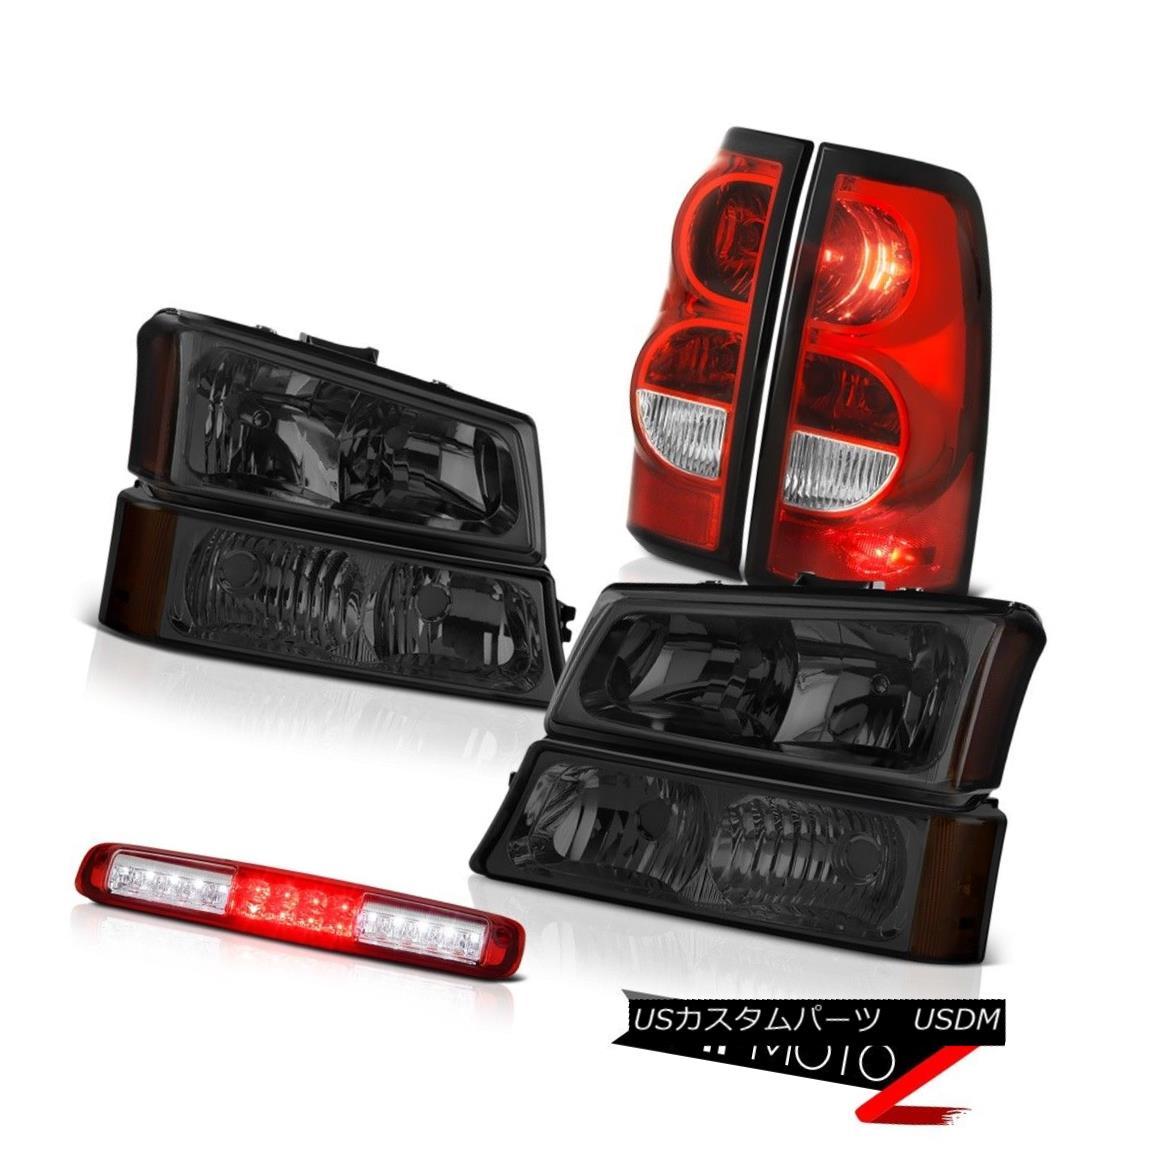 ヘッドライト 03-06 Silverado 2500Hd Red Clear 3RD Brake Lamp Tail Lights Smokey Headlights 03-06 Silverado 2500Hdレッドクリア3RDブレーキランプテールライトスモークヘッドライト